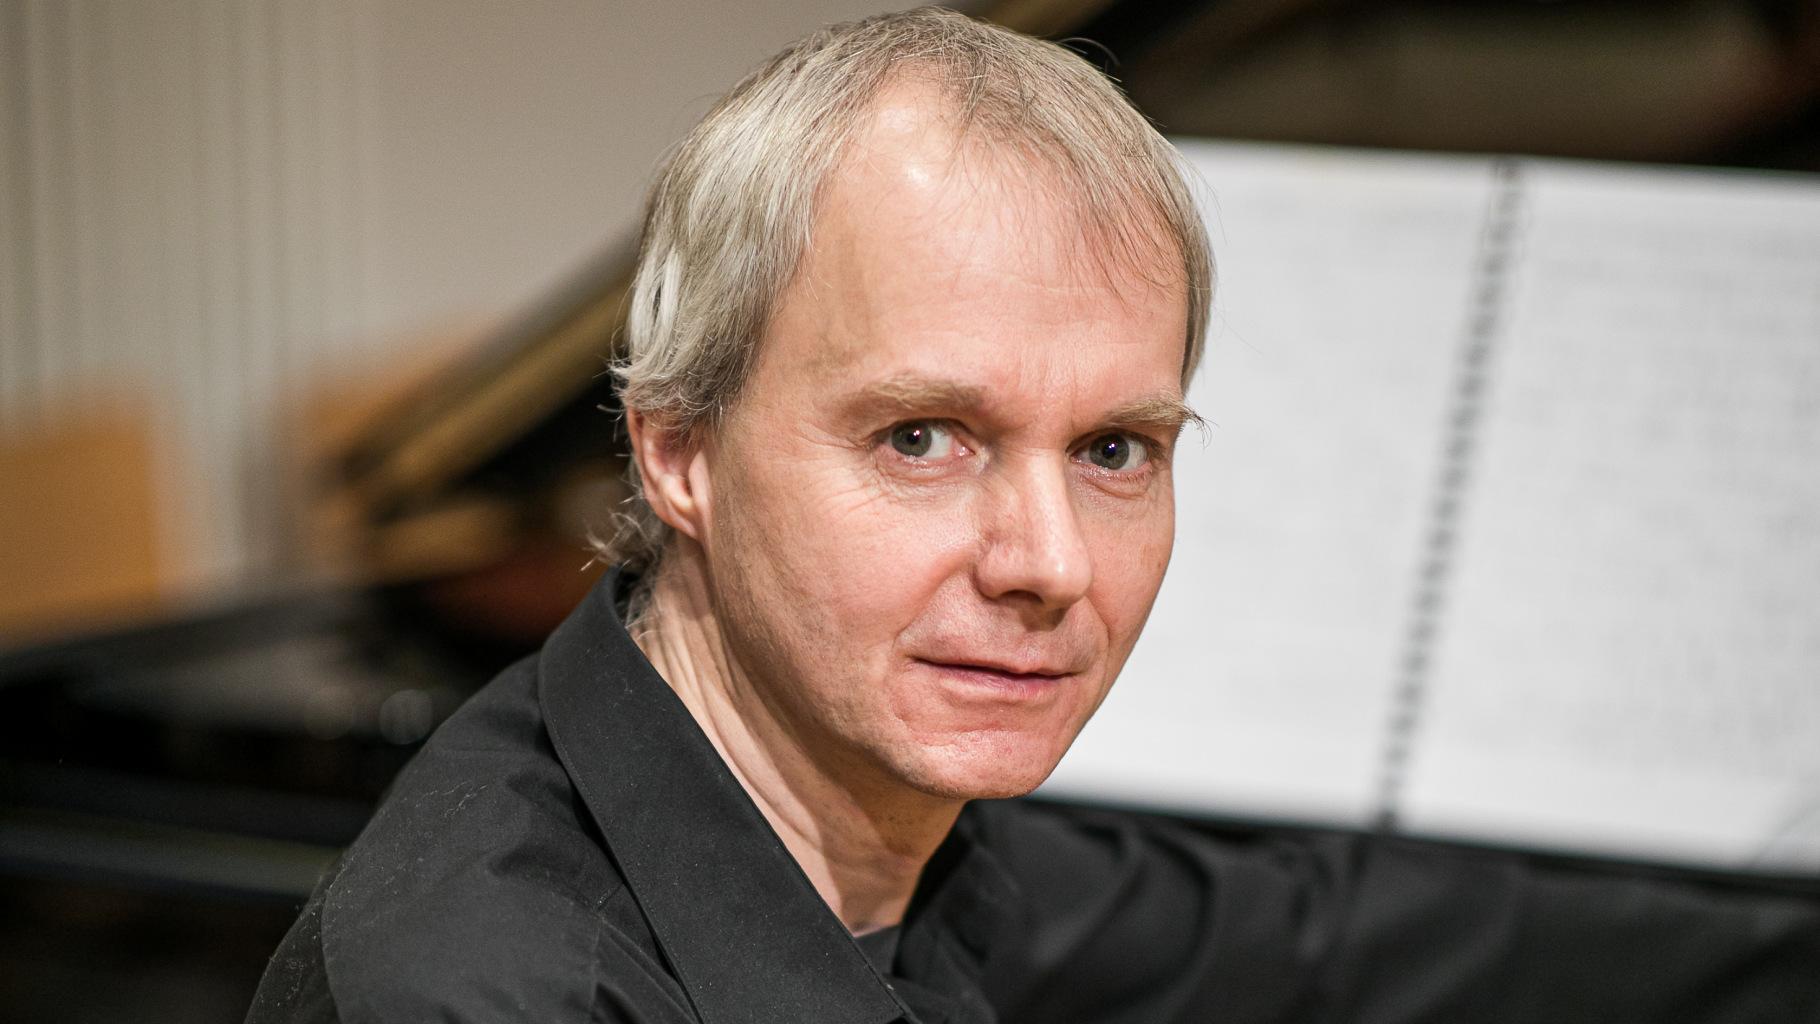 Roland Vossebrecker Portrait